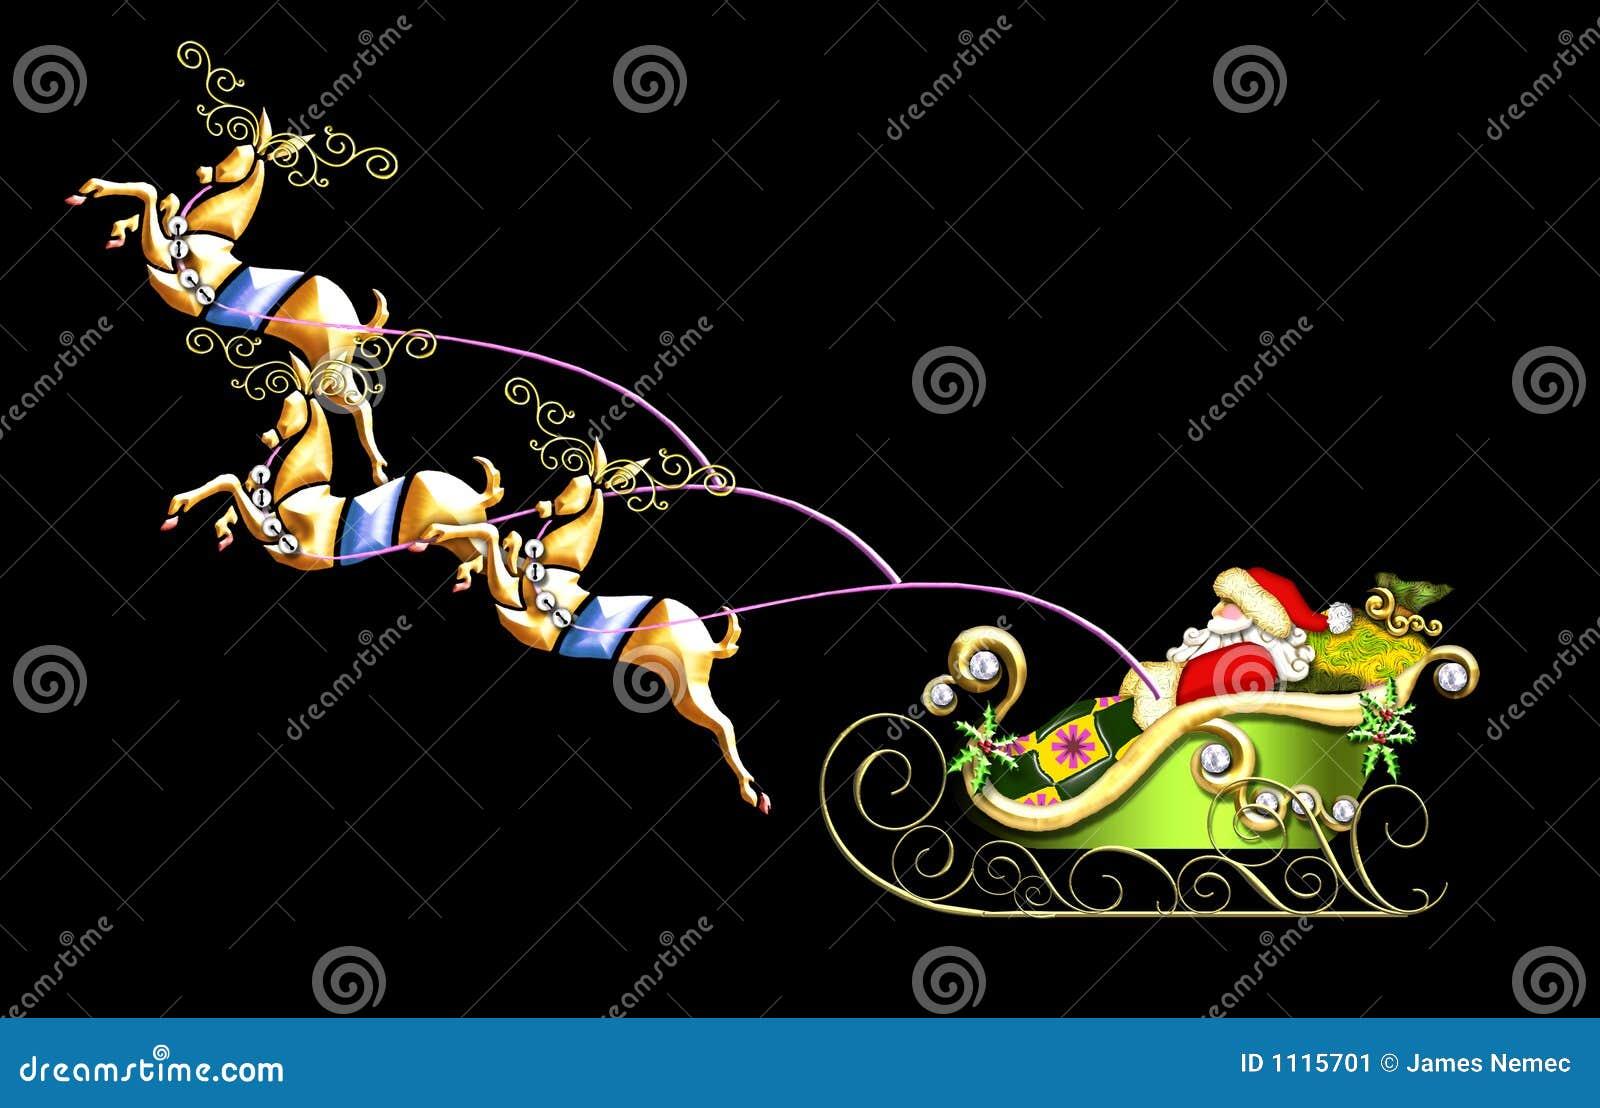 Ilustración del trineo de Santa